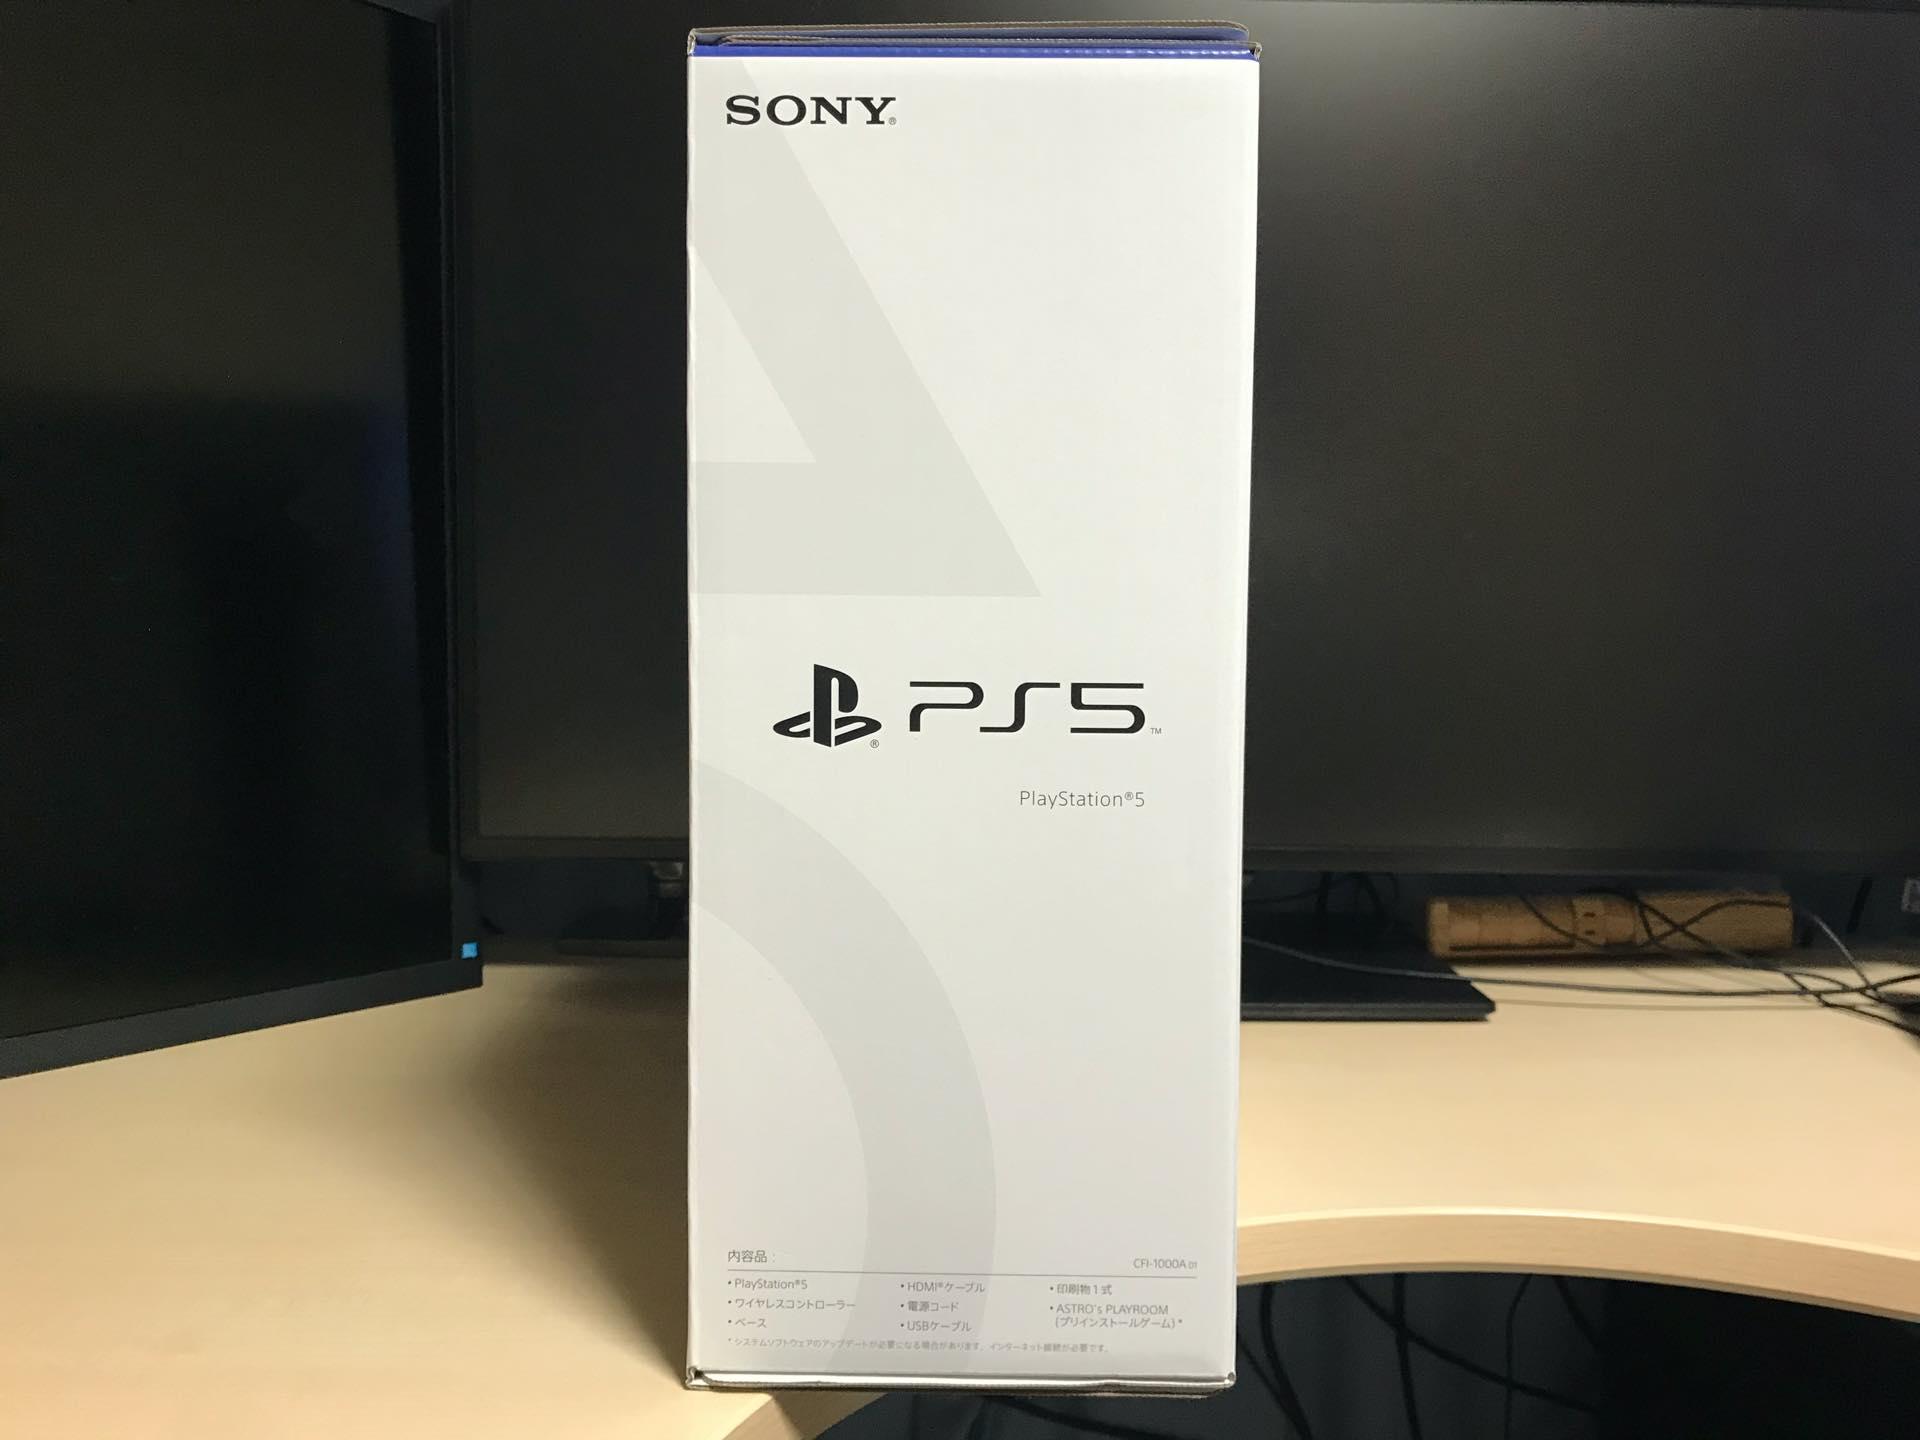 PS5が編集部にやってきたので、さっそく開封してみた | ニコニコニュース